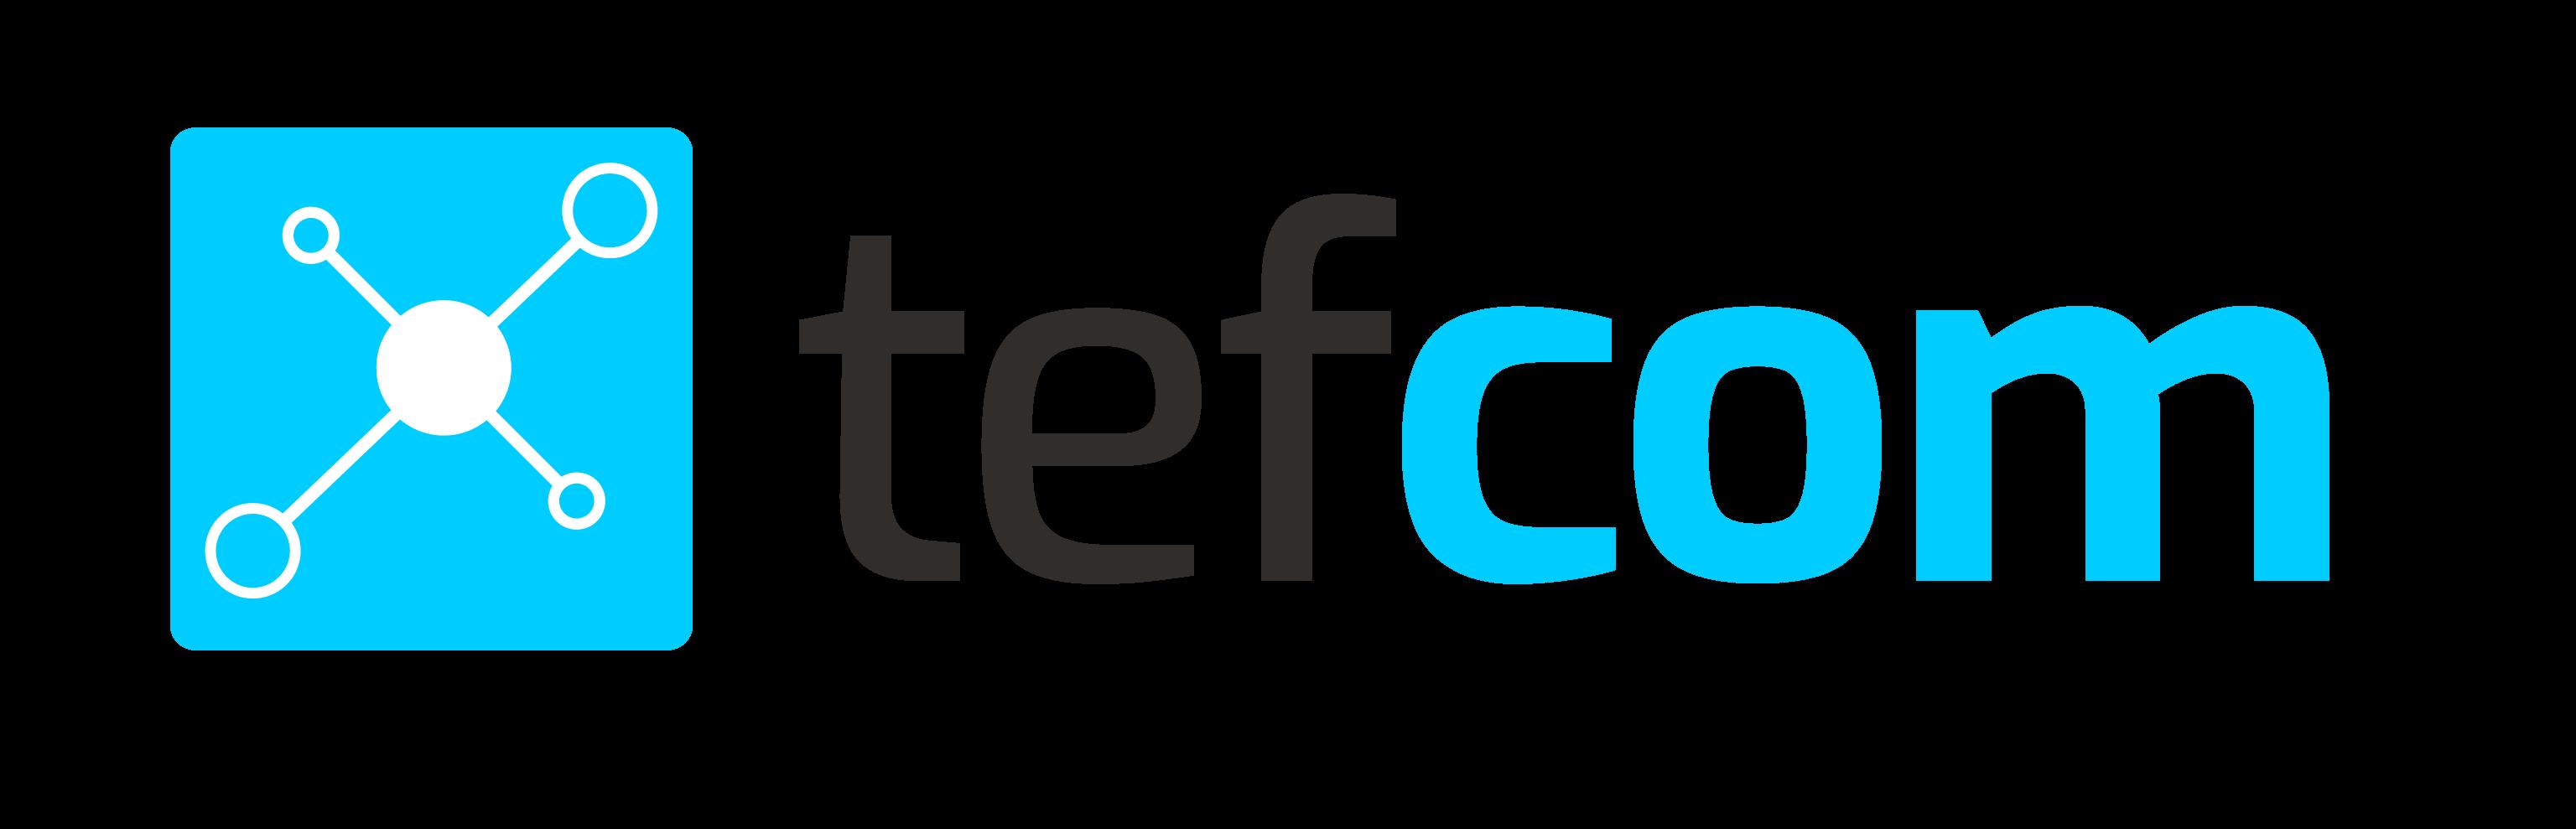 Tefcom